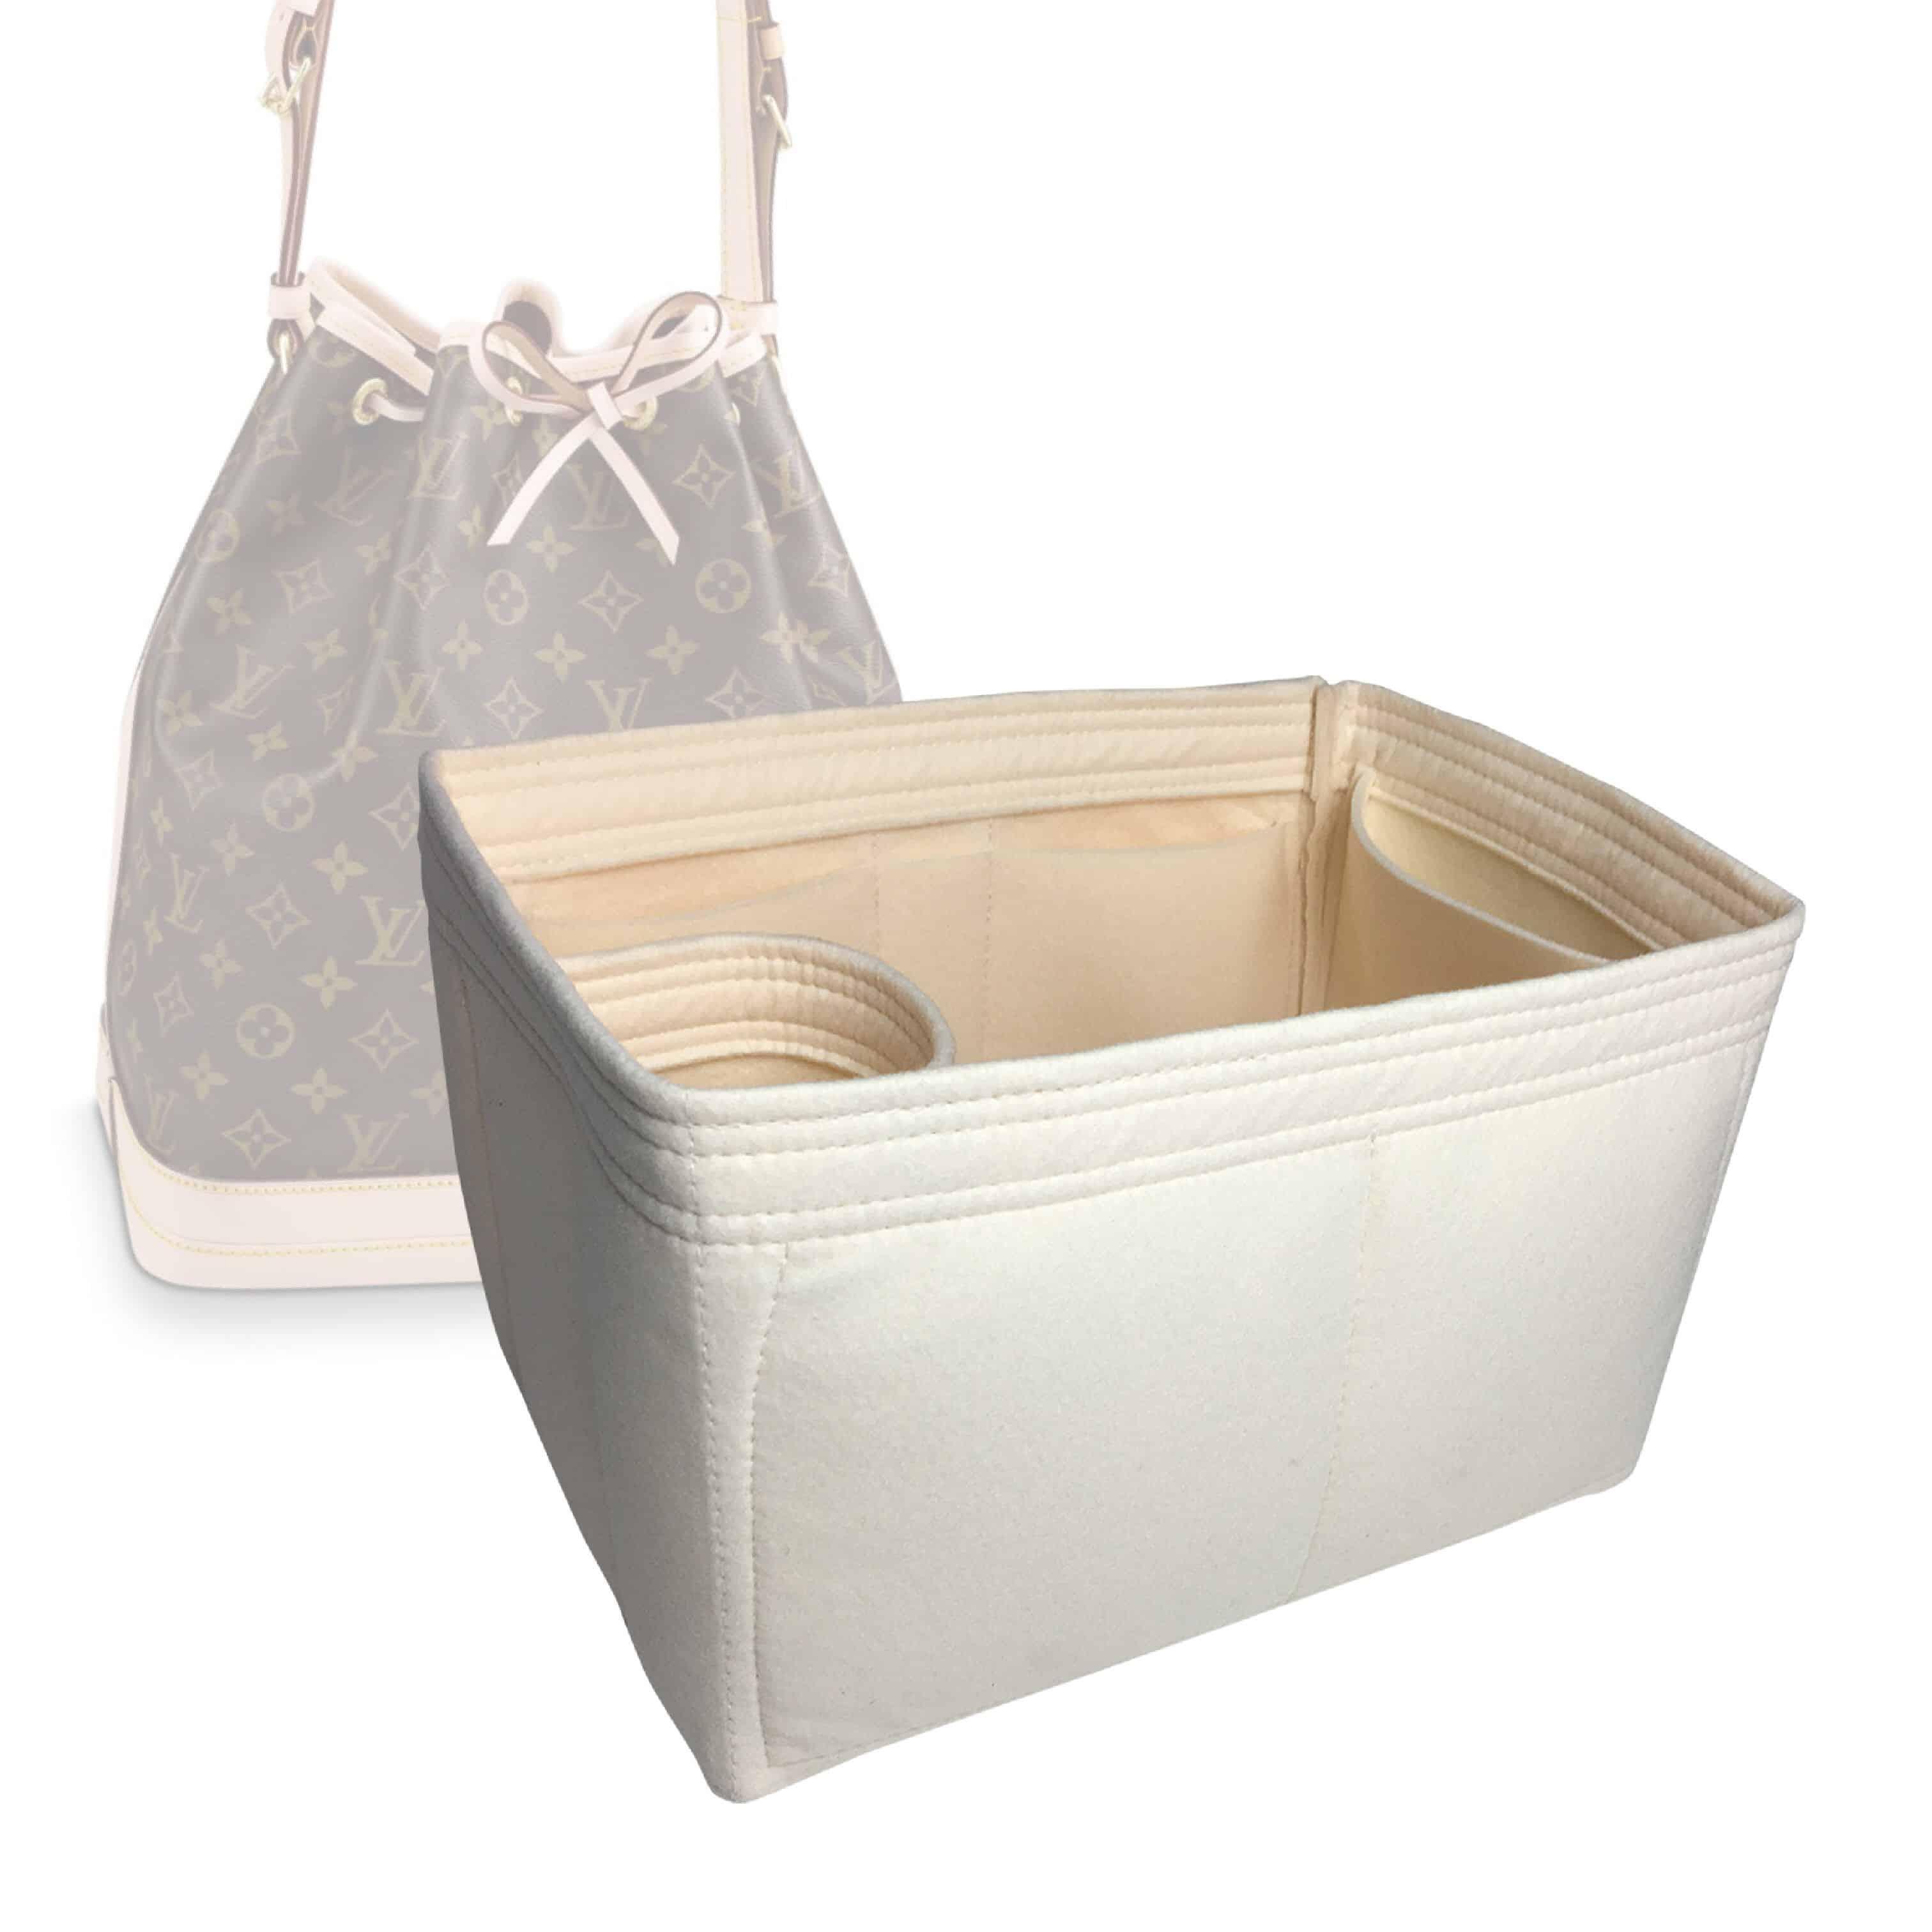 12 Custom Colors Bag Purse Organizer for NOÉ BB Bags